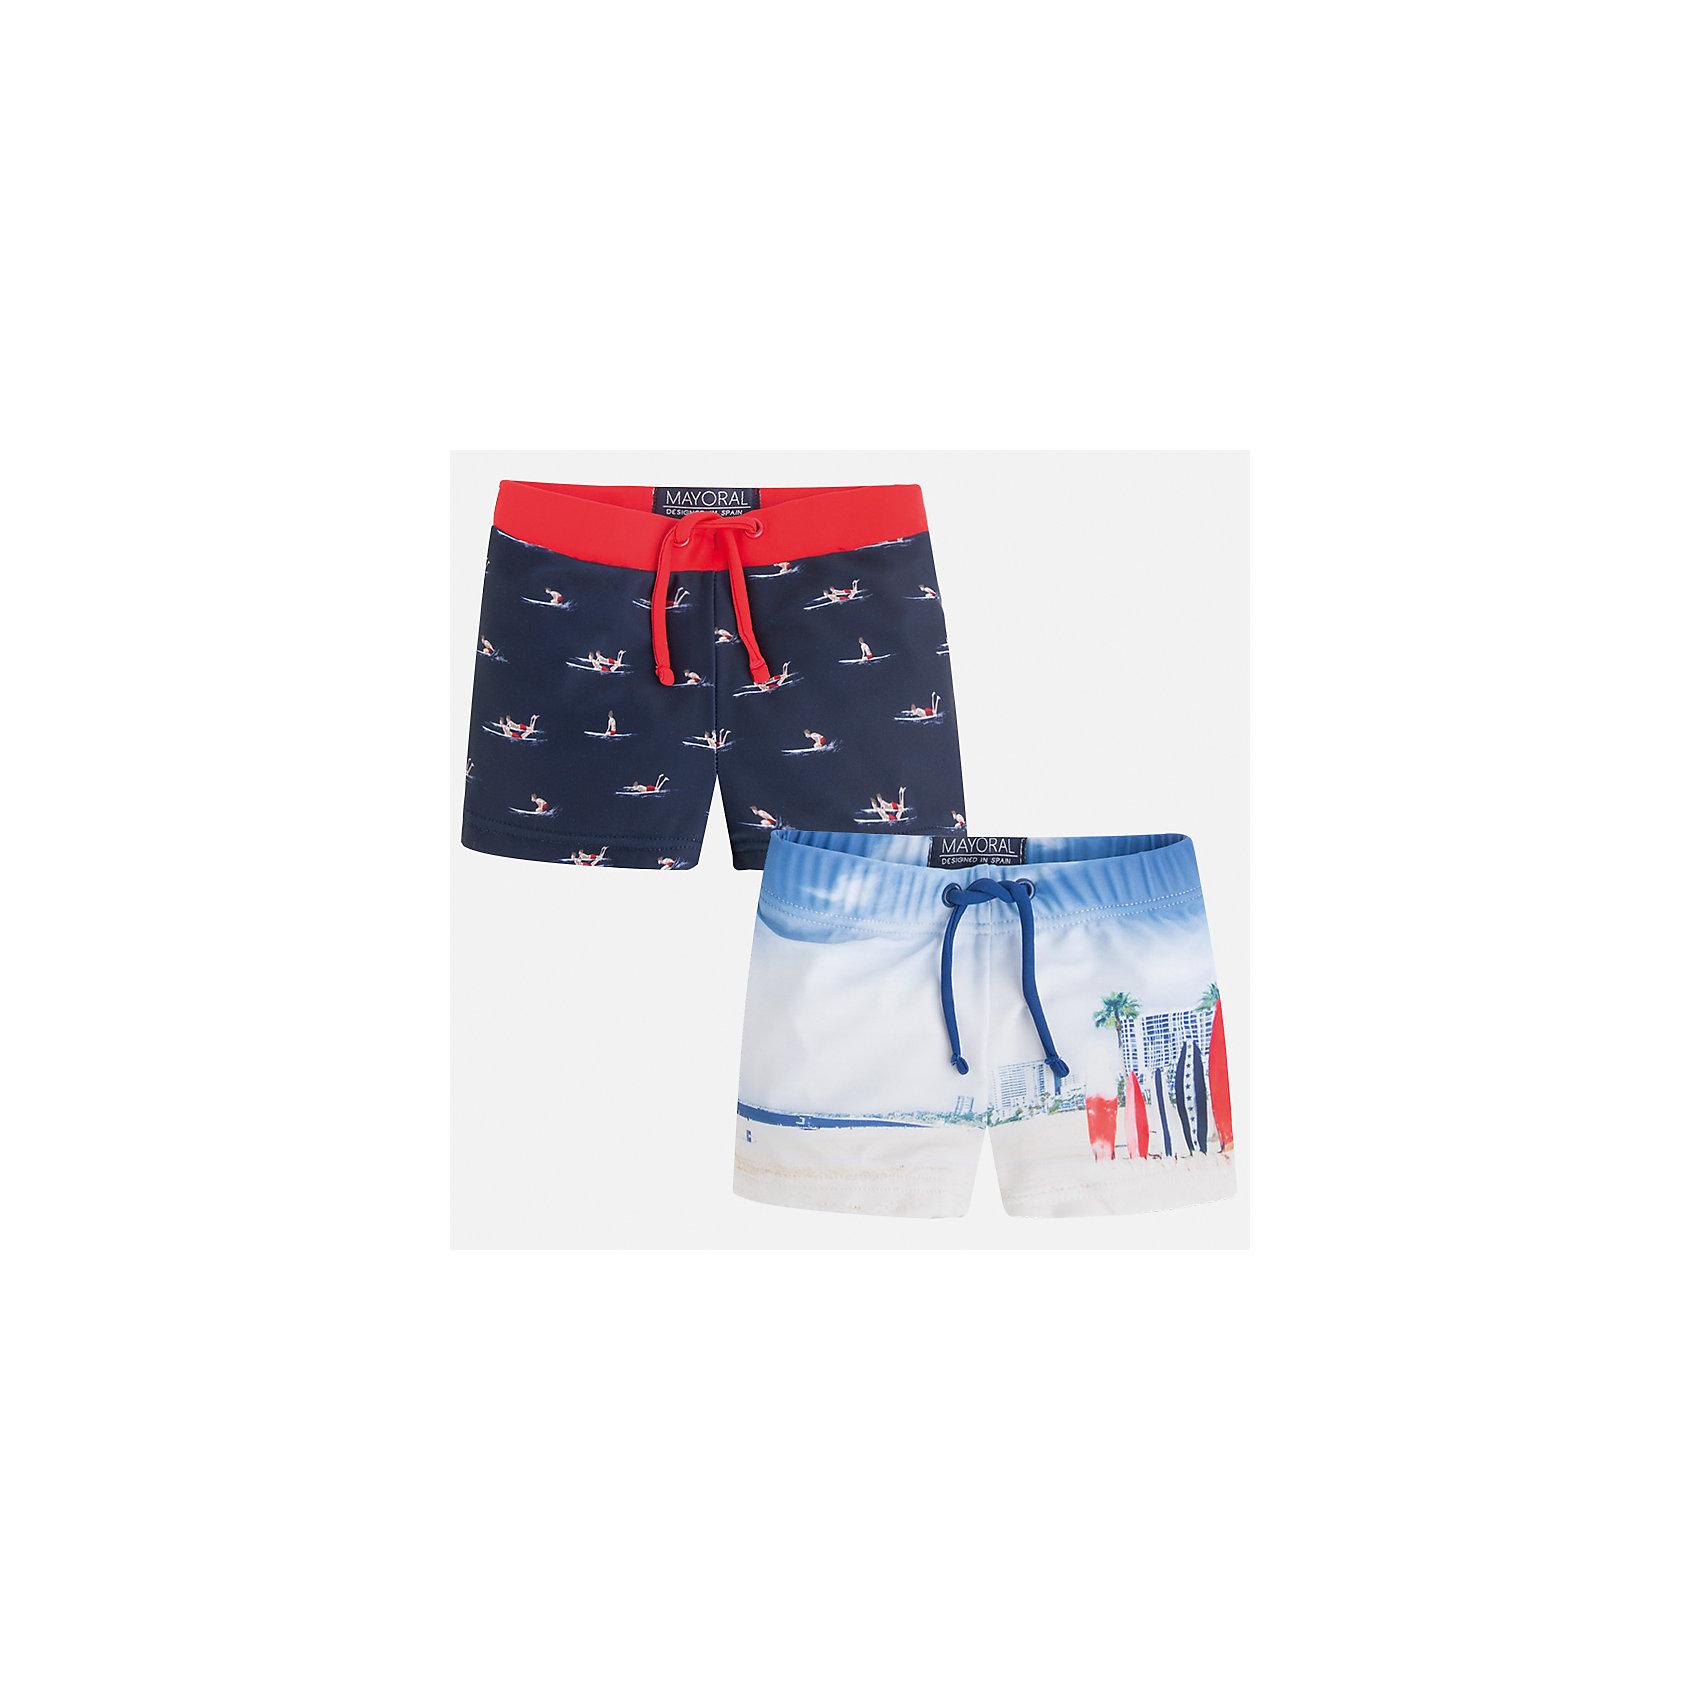 Шорты-плавки (2 шт.) для мальчика MayoralХарактеристики товара:<br><br>• цвет: синий/белый<br>• состав: 85% полиэстер, 15% эластан, подкладка - 100% полиэстер<br>• украшены принтом<br>• комплектация: 2 шт<br>• с подкладкой<br>• быстросохнущий материал<br>• страна бренда: Испания<br><br>Одежда для купания должна быть удобной! Эти плавки для мальчика не только хорошо сидят на ребенке, не стесняя движения и не натирая, они отлично смотрятся! Плавки сшиты из плотной ткани, но она очень быстро высыхает. Интересная расцветка модели делает её нарядной и оригинальной. <br><br>Одежда, обувь и аксессуары от испанского бренда Mayoral полюбились детям и взрослым по всему миру. Модели этой марки - стильные и удобные. Для их производства используются только безопасные, качественные материалы и фурнитура. Порадуйте ребенка модными и красивыми вещами от Mayoral! <br><br>Плавки для мальчика от испанского бренда Mayoral (Майорал) можно купить в нашем интернет-магазине.<br><br>Ширина мм: 191<br>Глубина мм: 10<br>Высота мм: 175<br>Вес г: 273<br>Цвет: красный<br>Возраст от месяцев: 24<br>Возраст до месяцев: 36<br>Пол: Мужской<br>Возраст: Детский<br>Размер: 98,92,134,128,122,116,110,104<br>SKU: 5281036